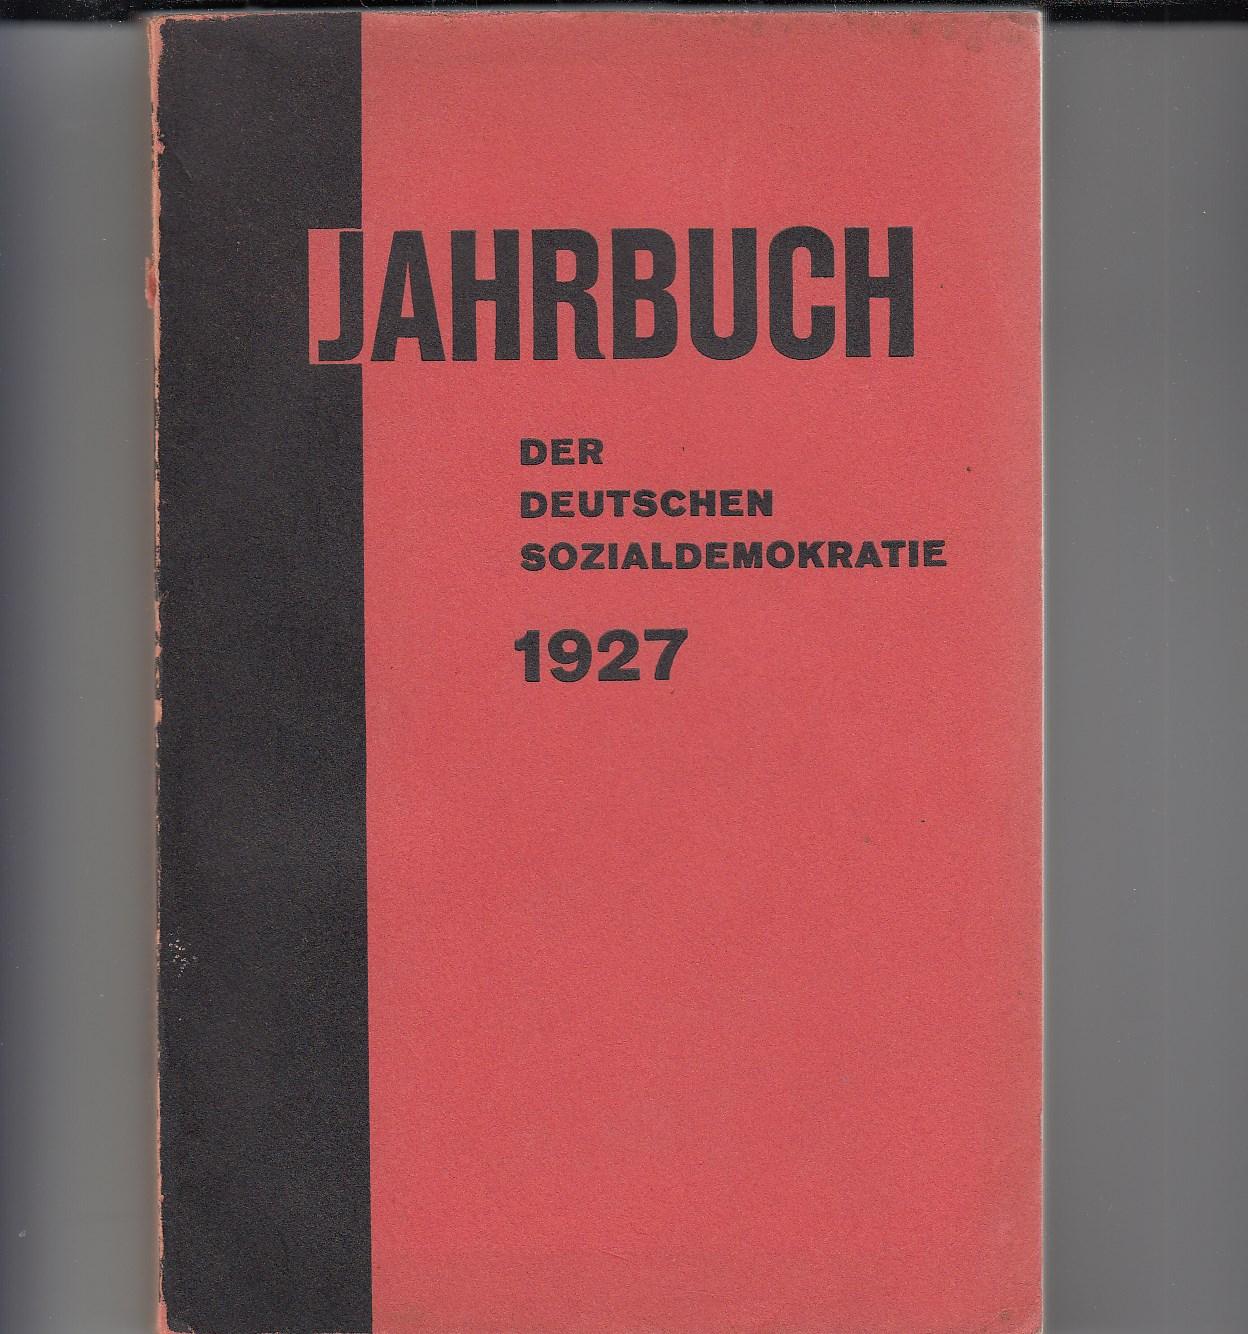 Jahrbuch der Deutschen Sozialdemokratie für das Jahr 1927. Hrsg. vom Vorstand der SPD.